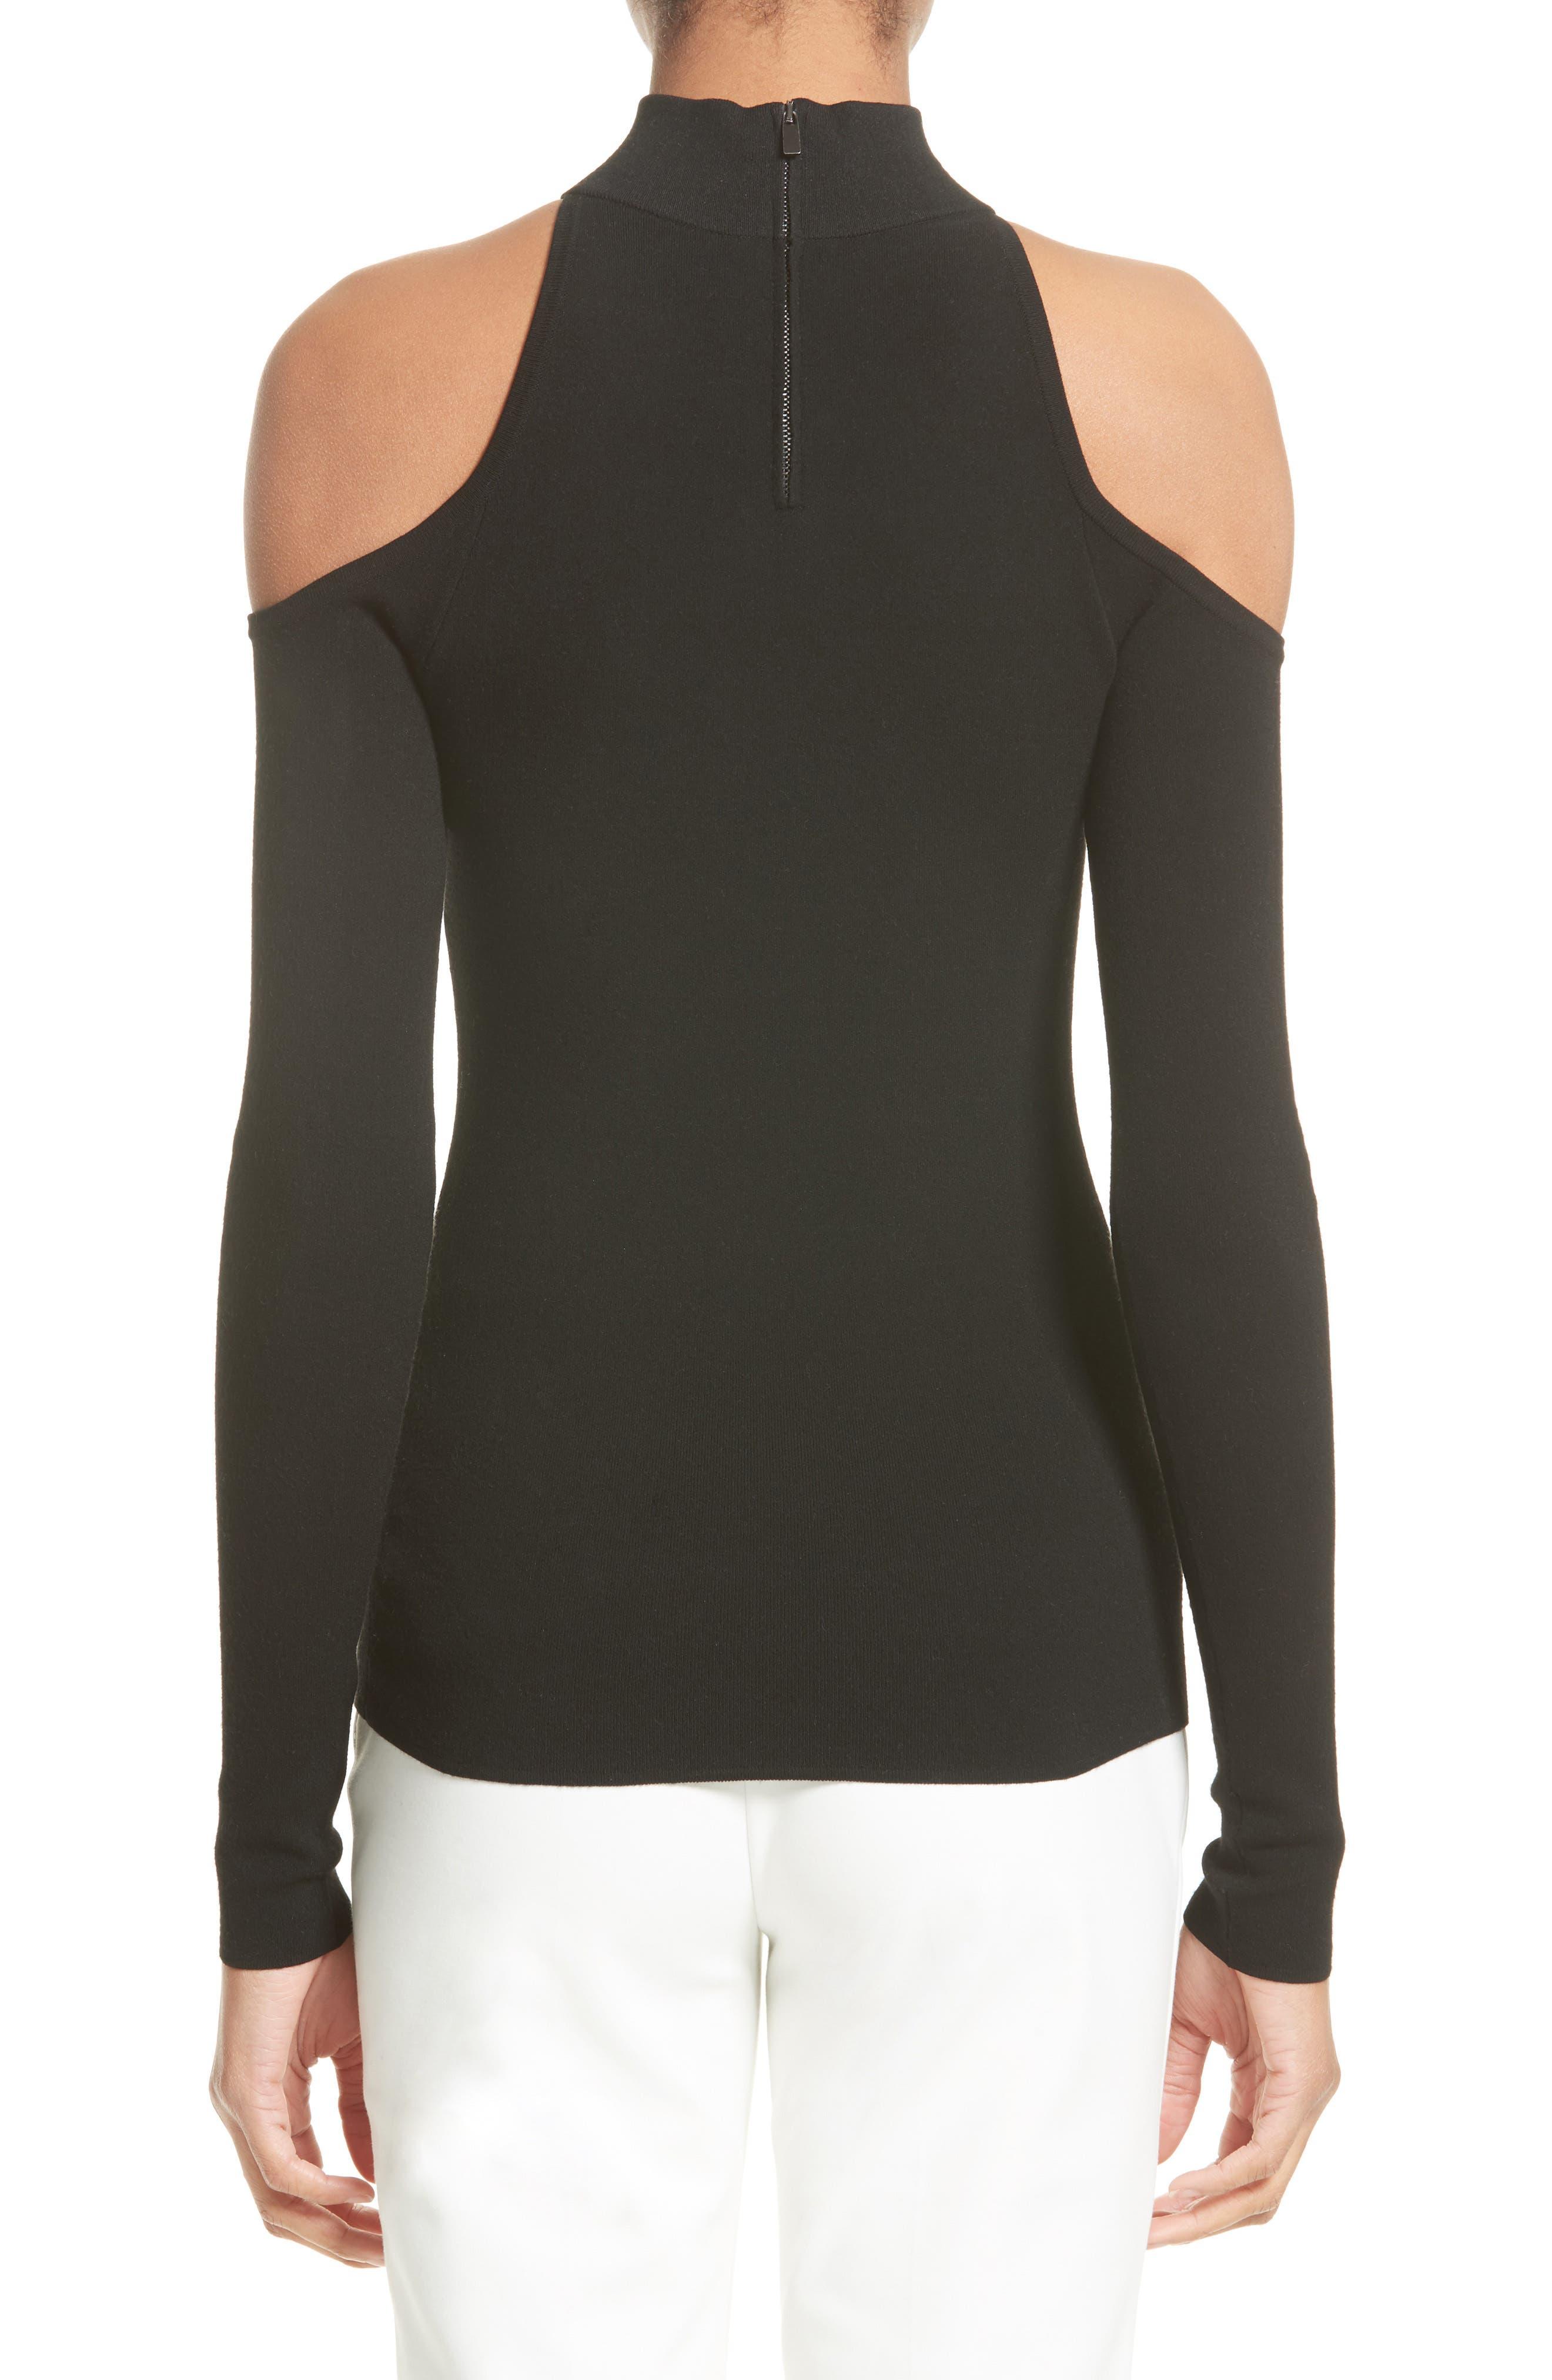 Alternate Image 2  - Michael Kors Cold Shoulder Stretch Knit Top